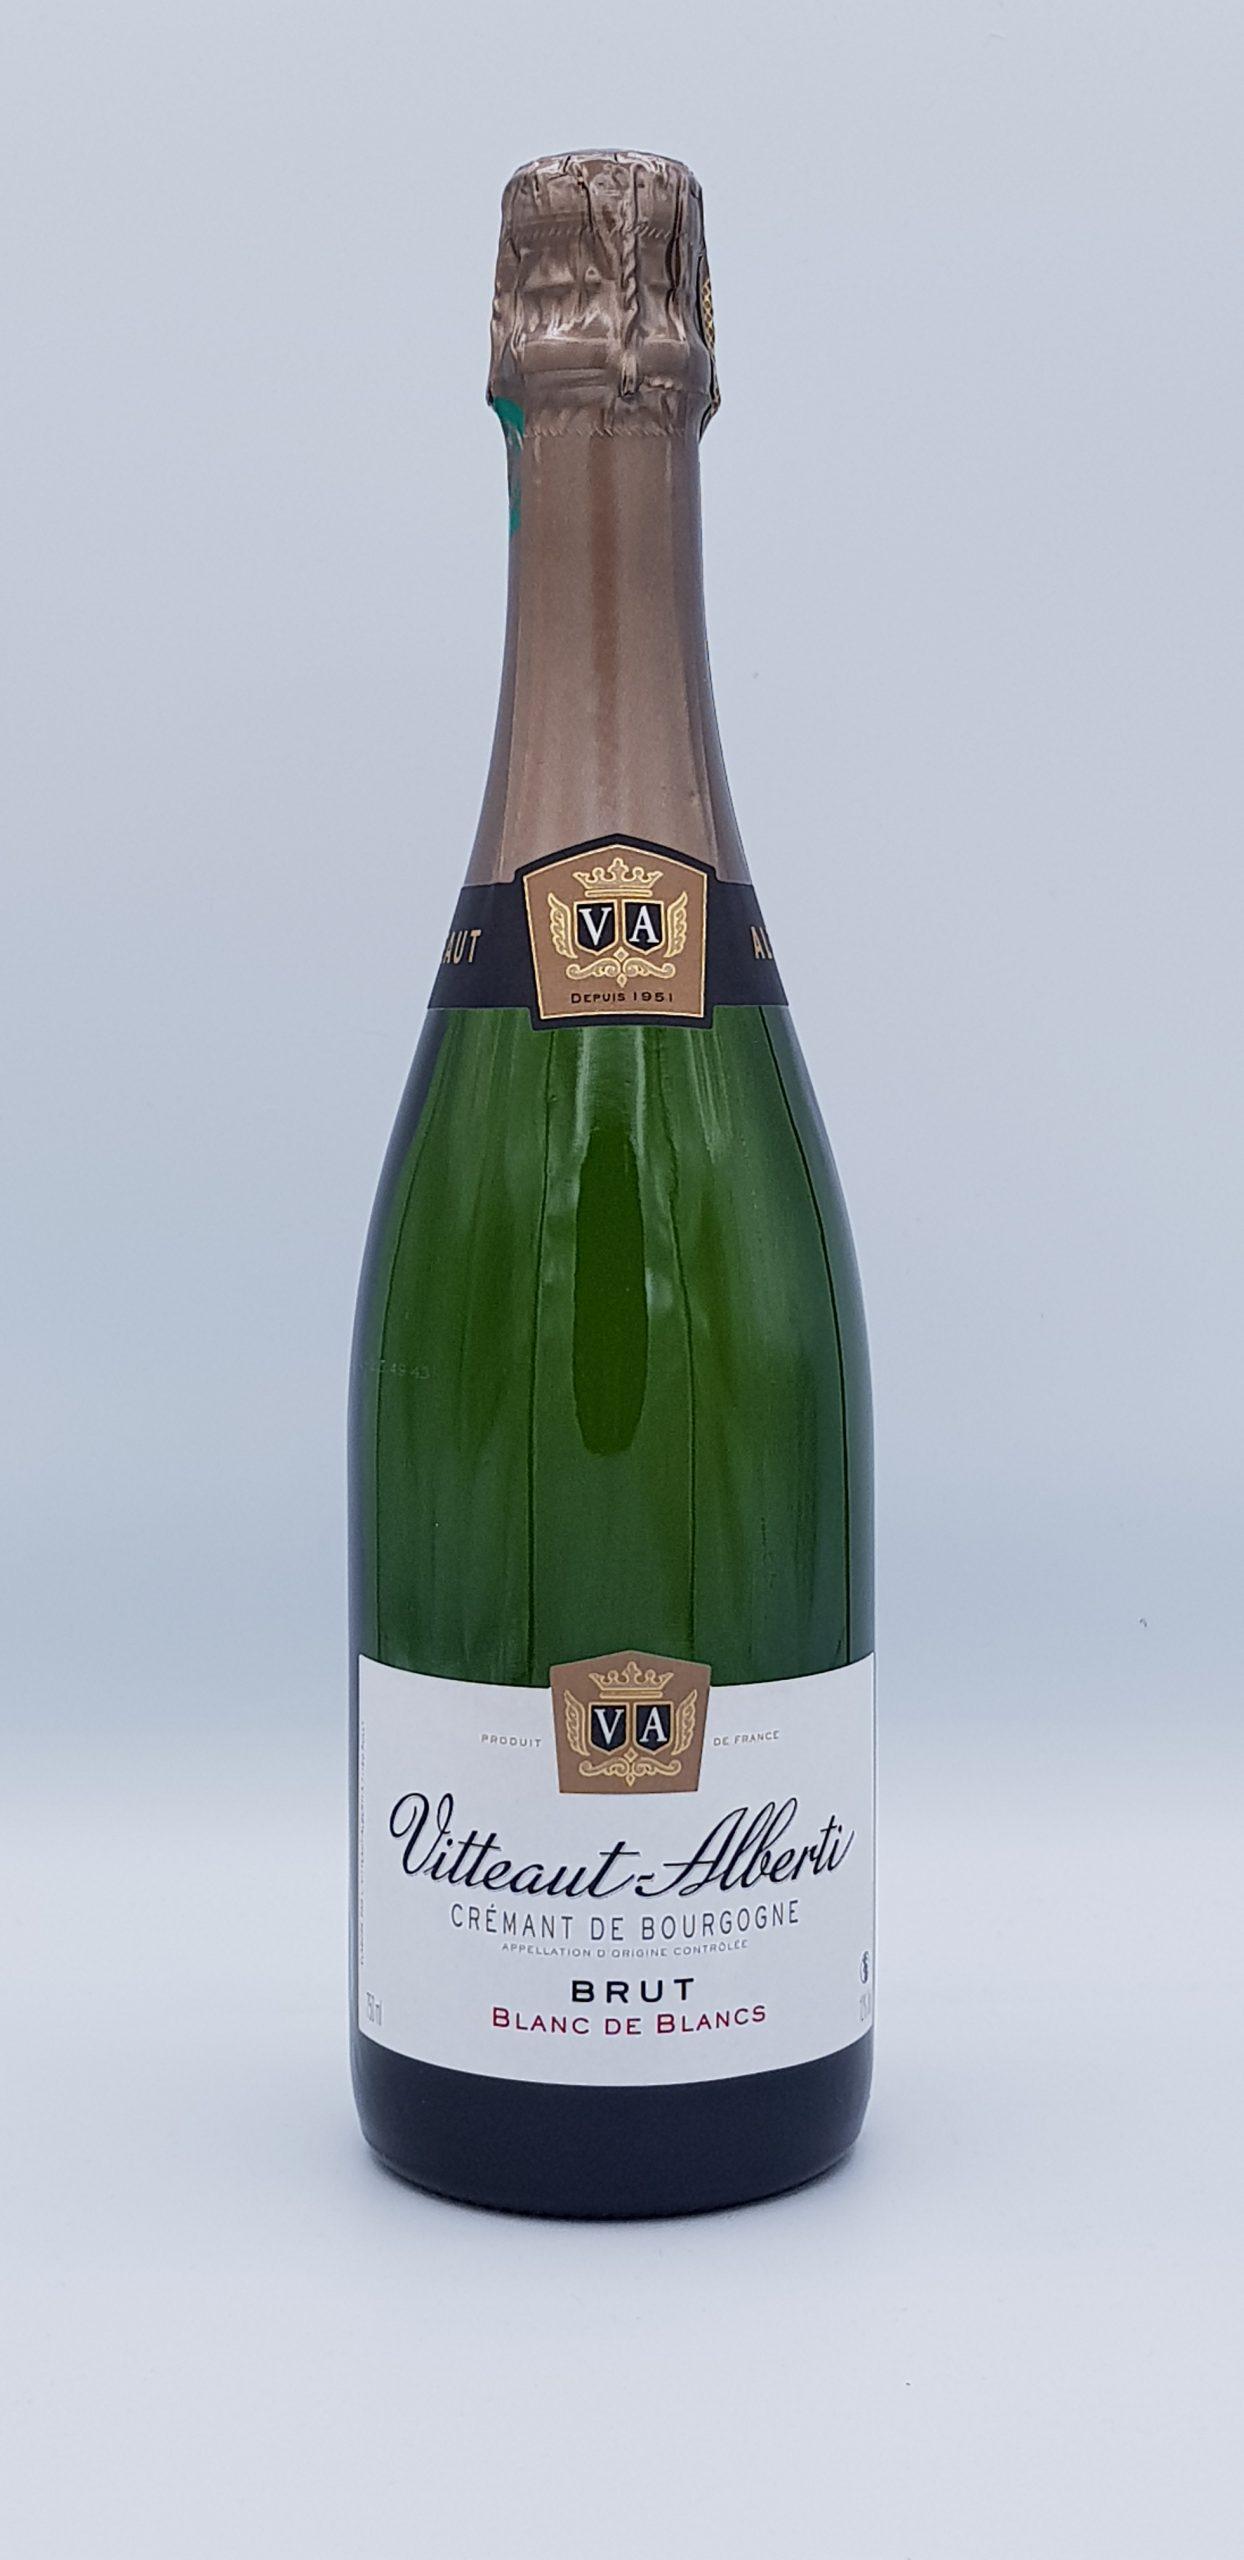 Cremant De Bourgogne Blanc De Blanc Vitteaut Alberti